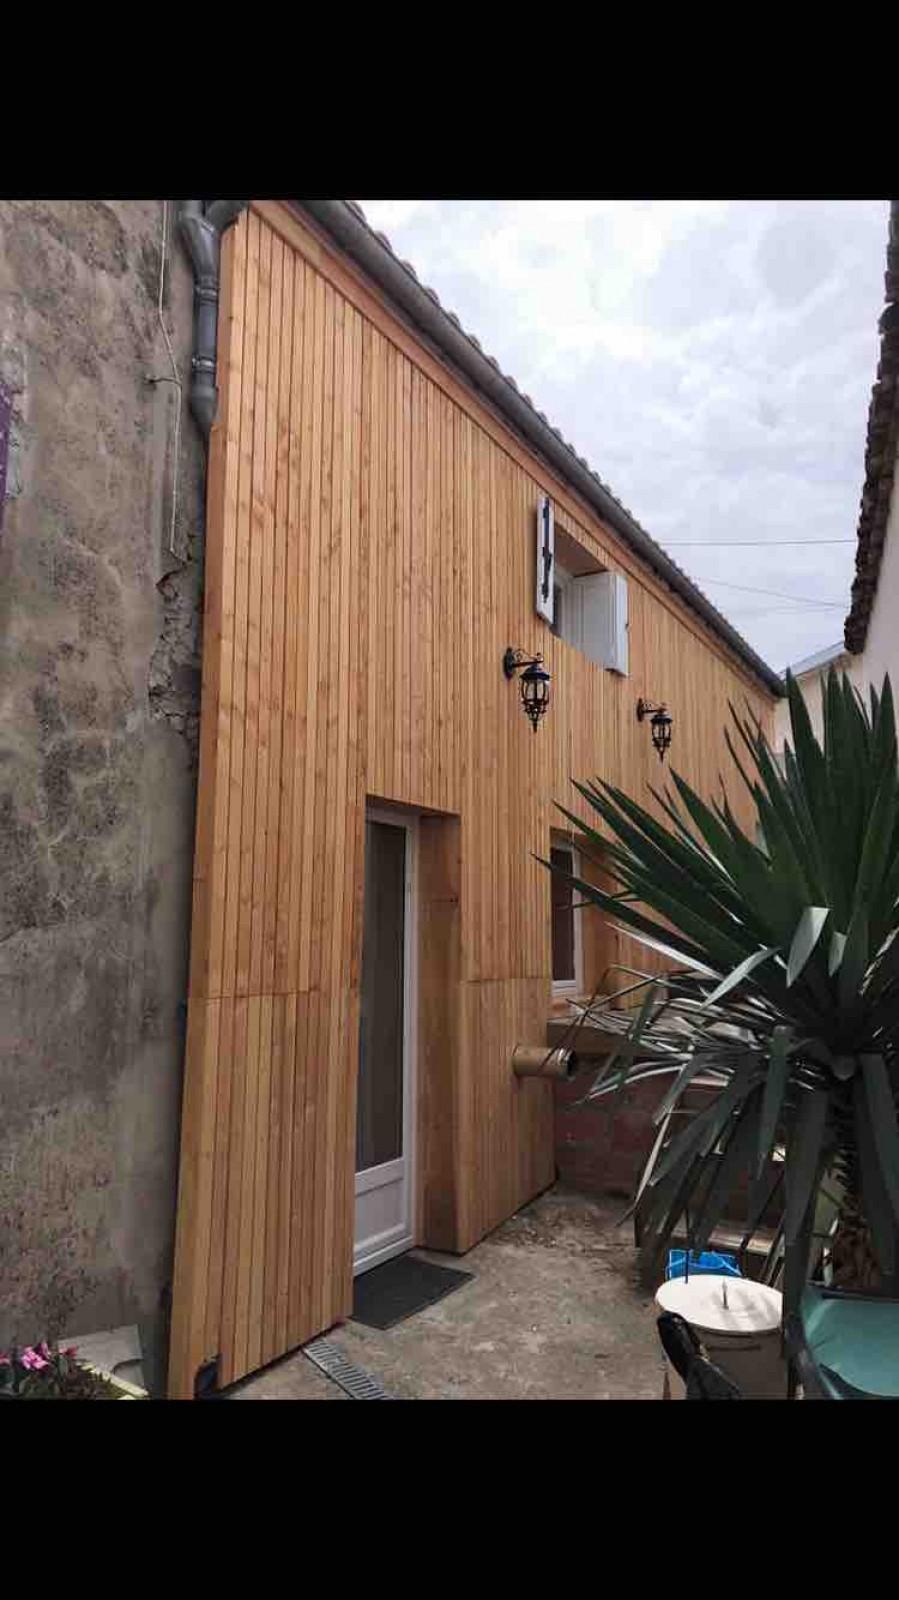 Tasseau Bois Exotique Exterieur bardage bois intérieur et extérieur - e.g.u